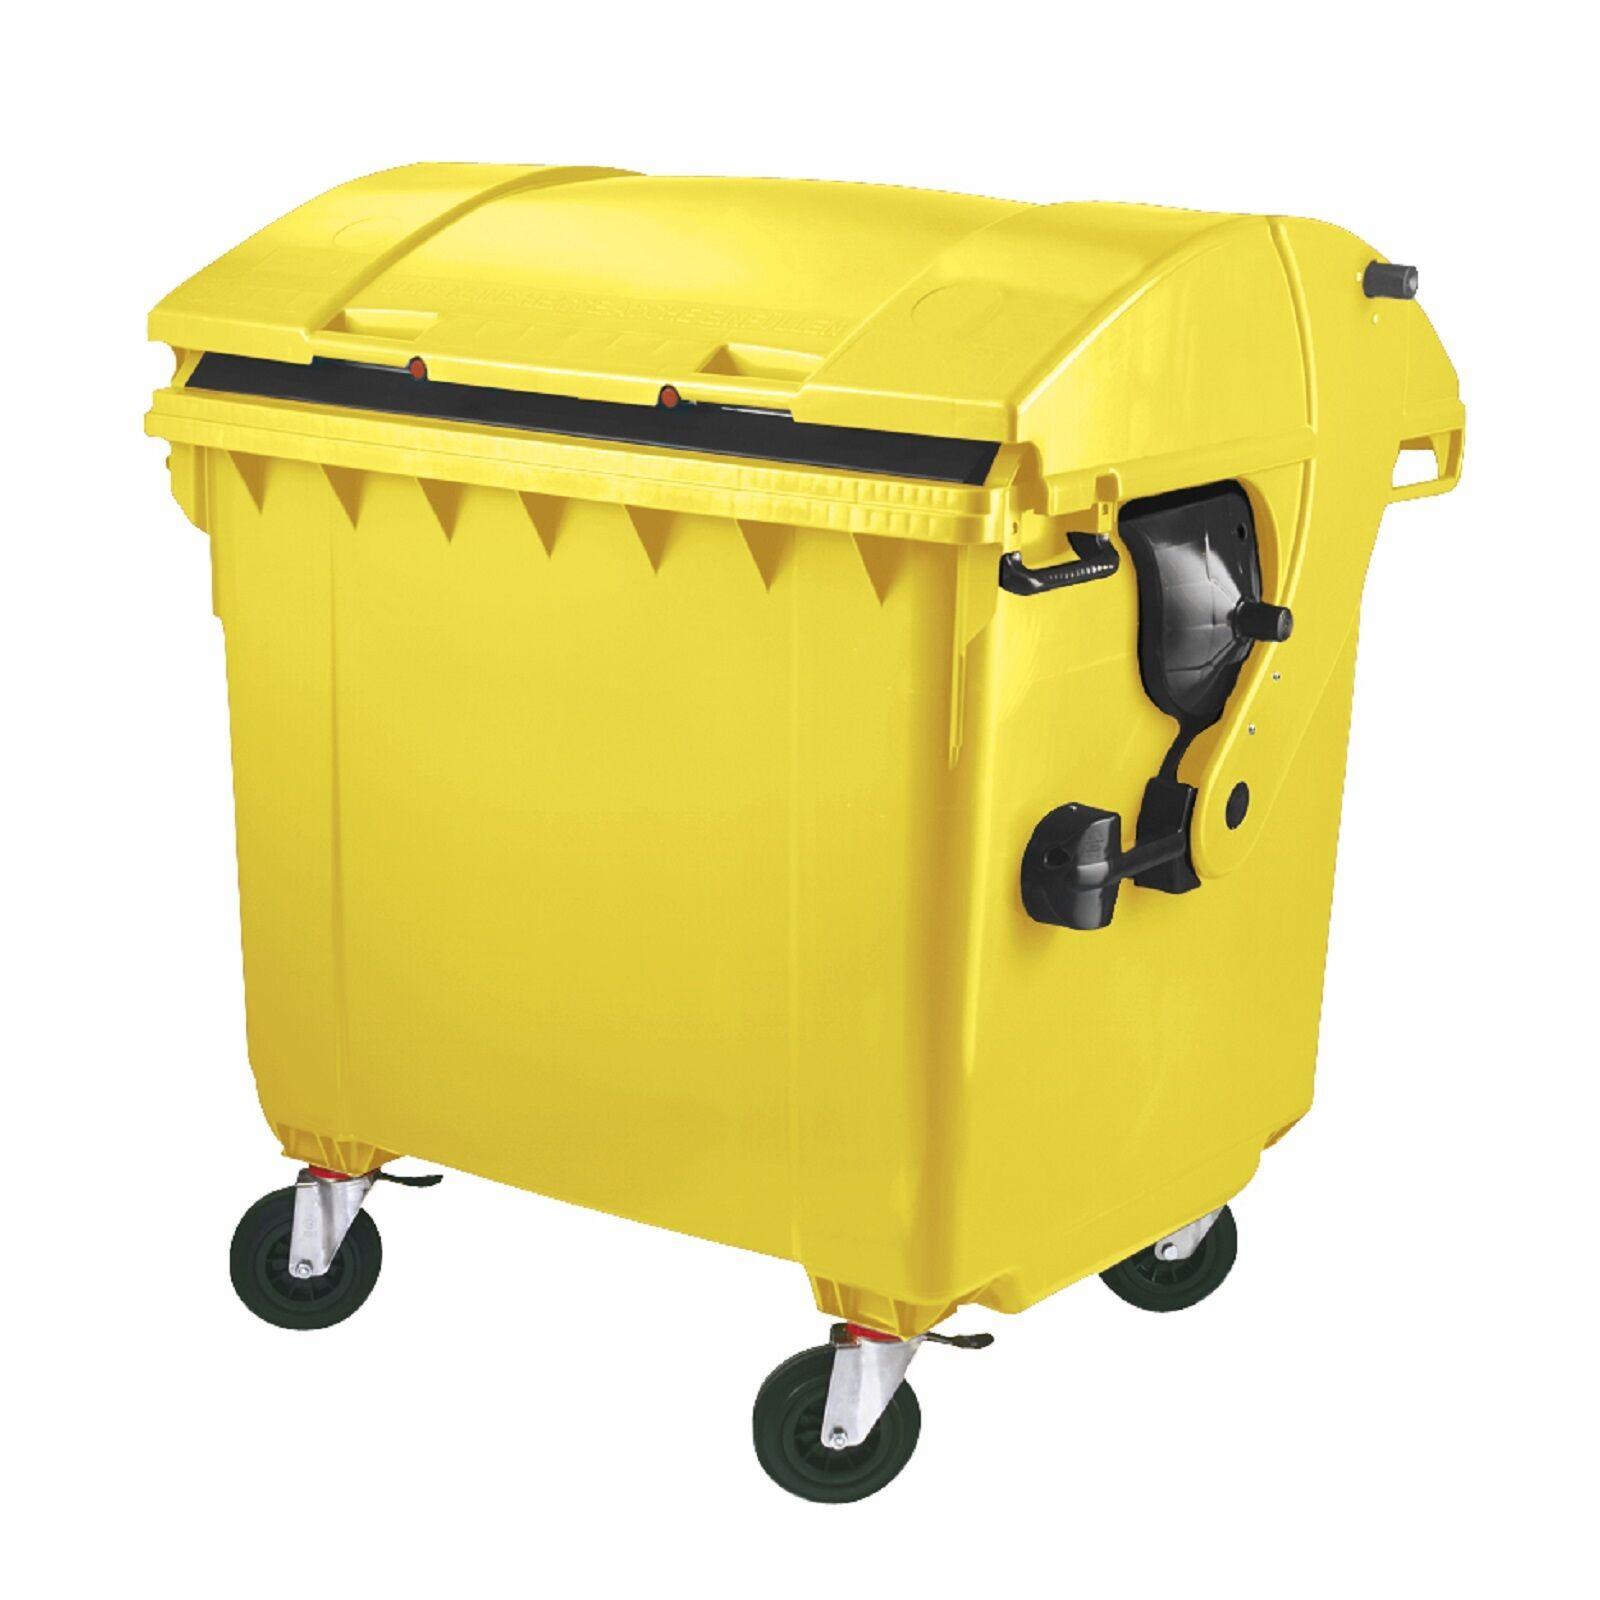 Müllgroßbehälter Großmüllcontainer Mülltonne 1100 Liter Runddeckel gelb